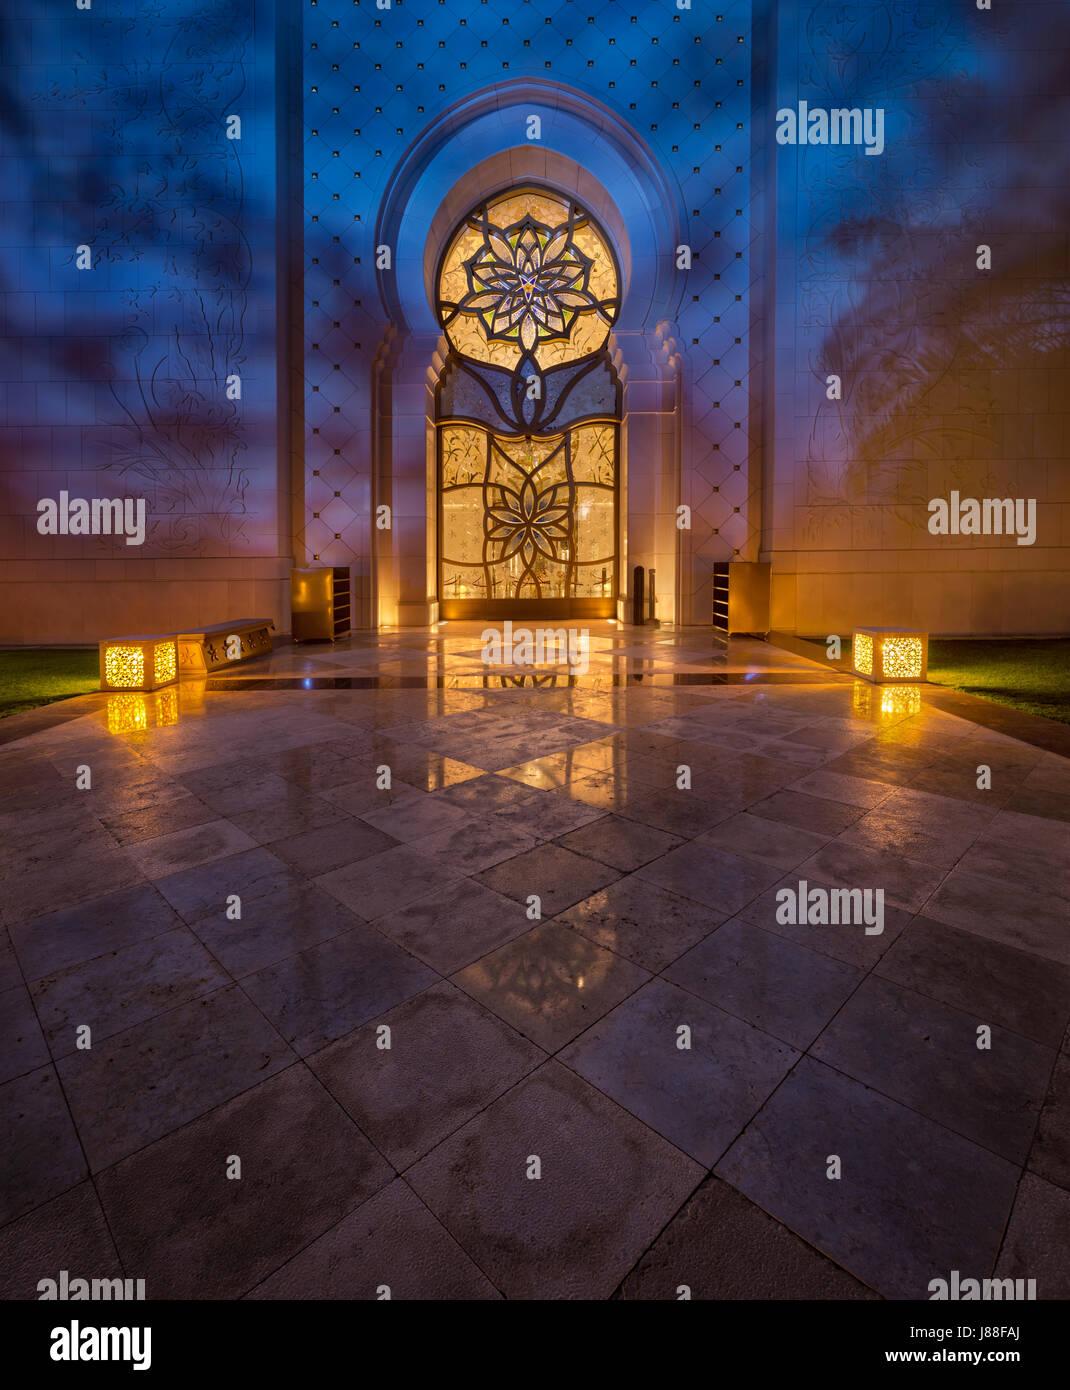 Mezquita Sheikh Zayed en abudhabi lujo puerta islámica con la reflexión sobre los mármoles Imagen De Stock